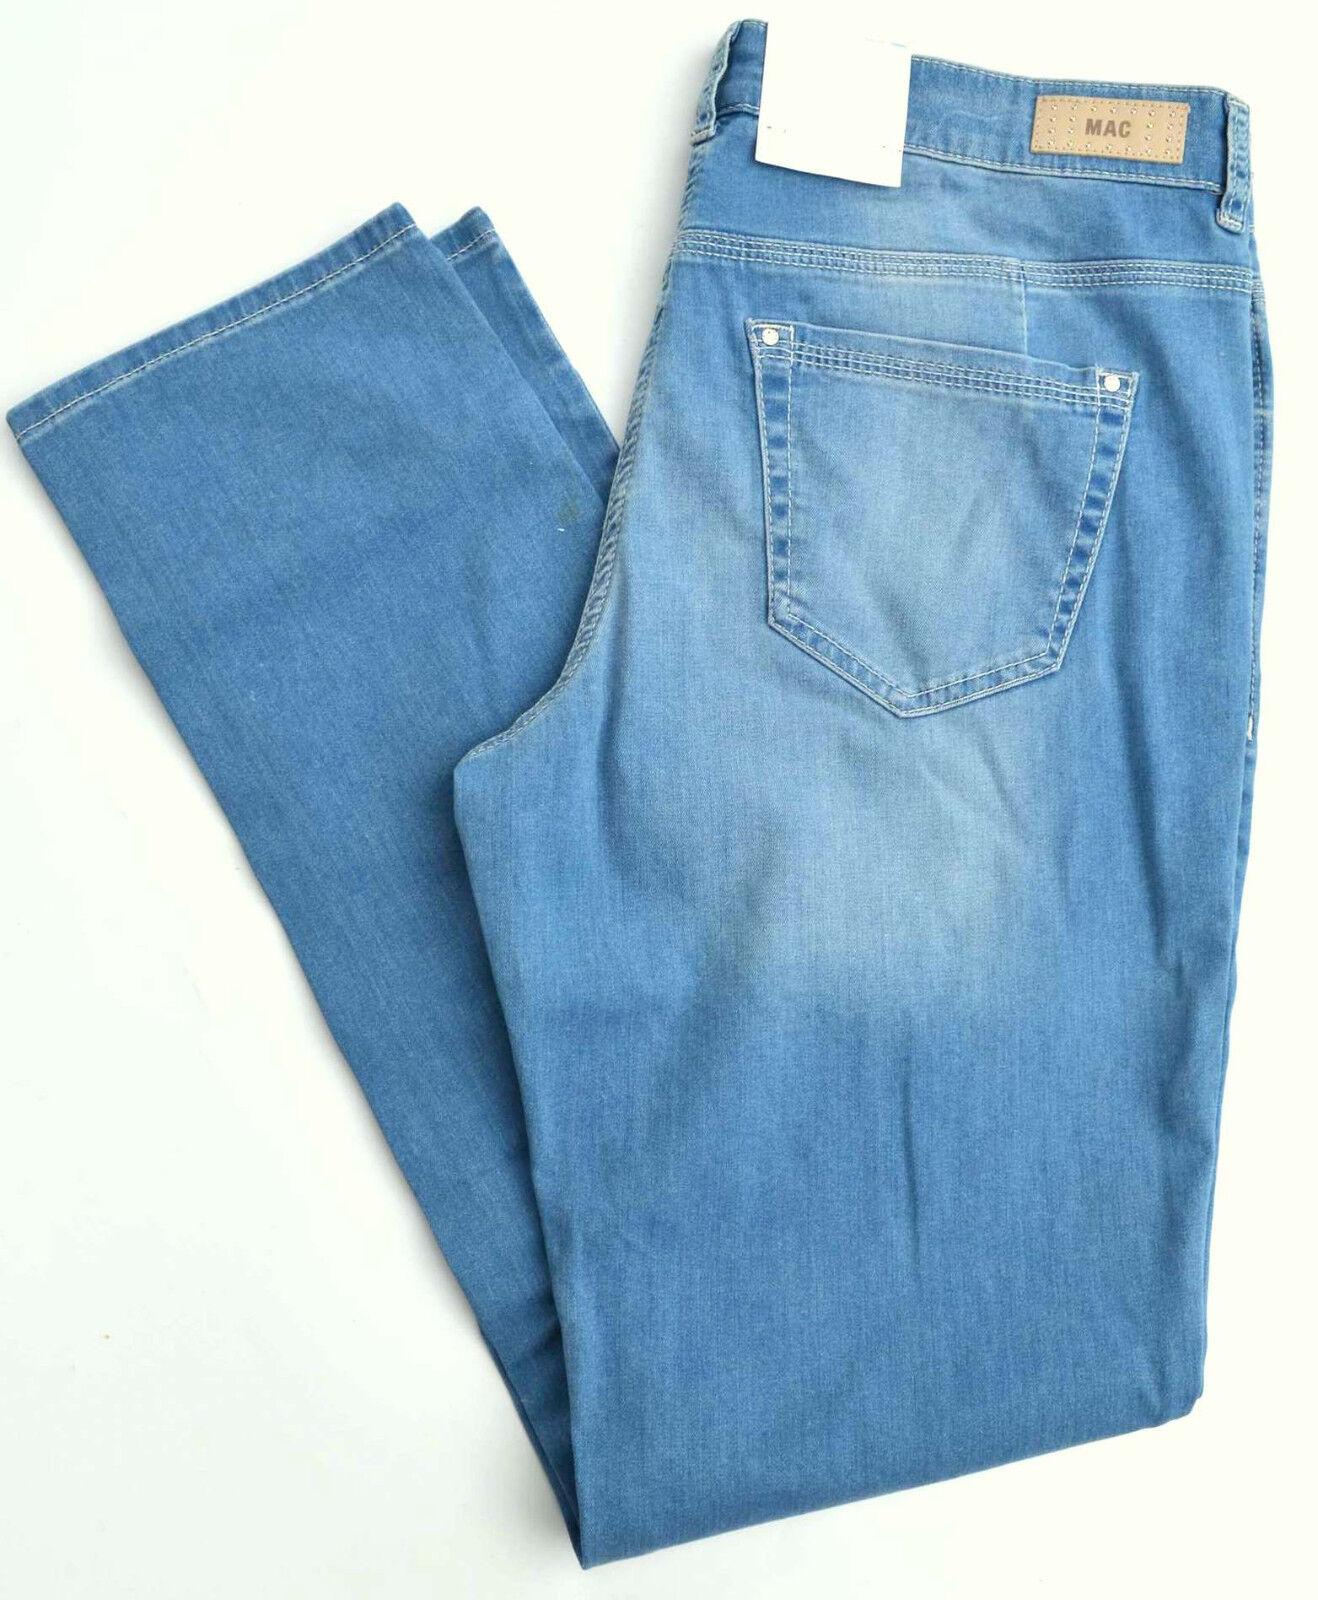 MAC Jeans ANGELA pipe dynamic Blau denim stretch Blau slim fit T 36 L 30 NEUF